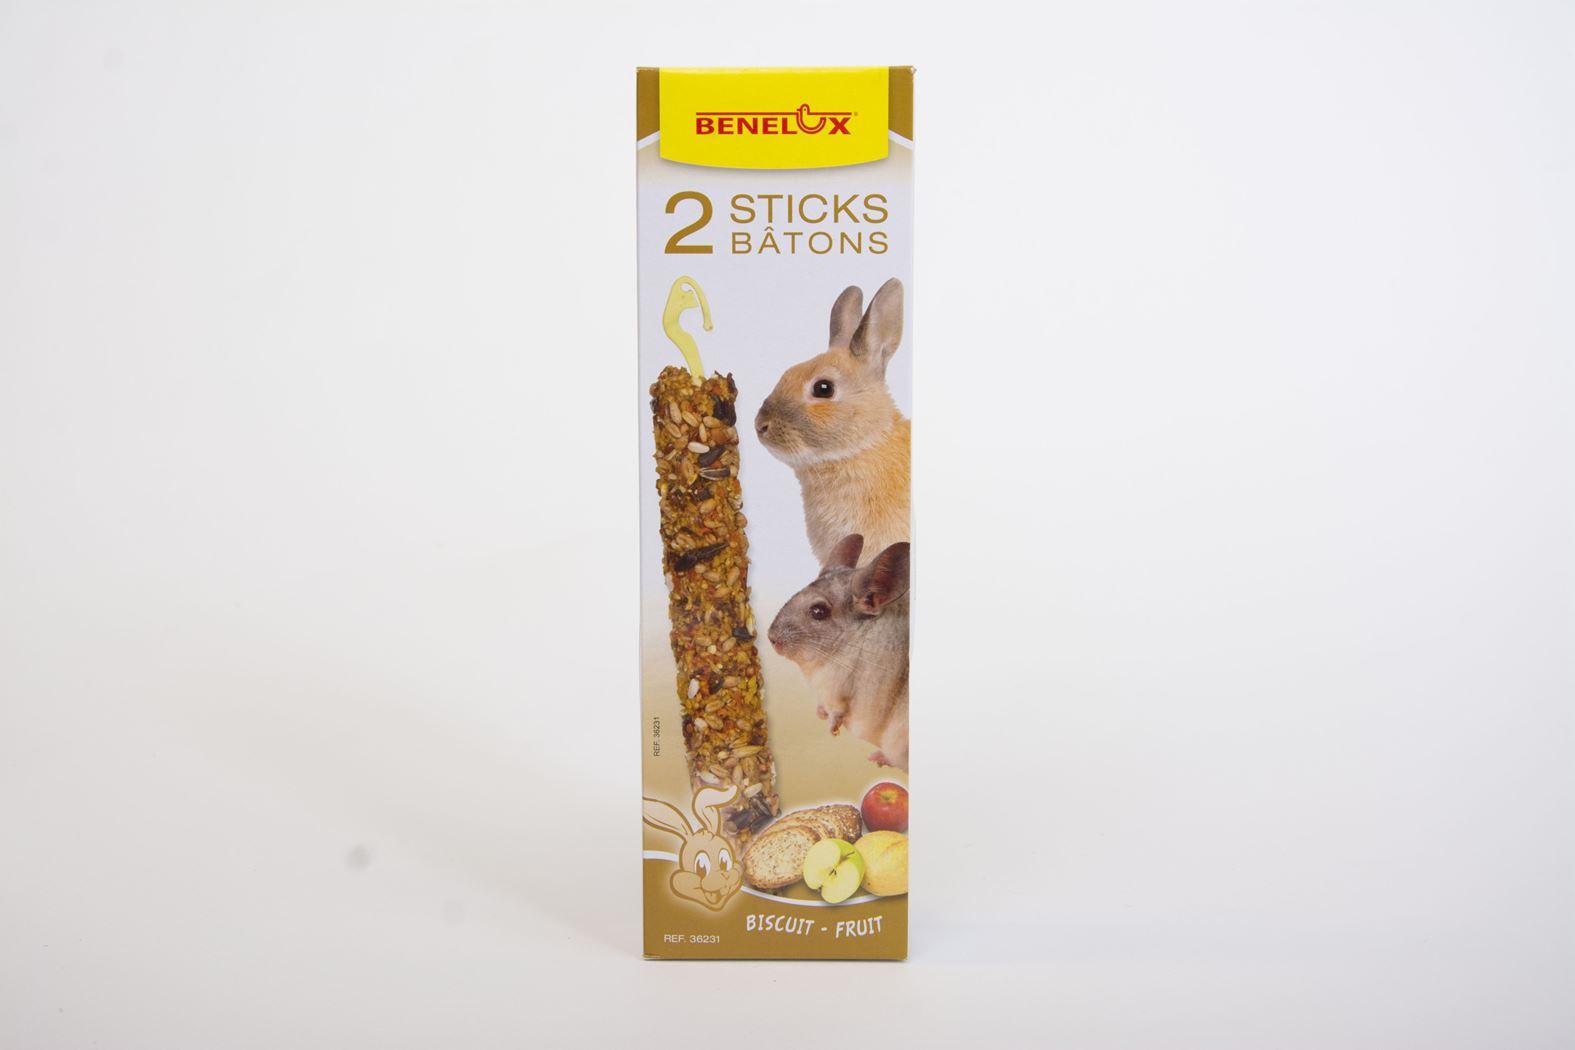 benelux sticks xxl knaagdier biscuit/fruit (2sts)